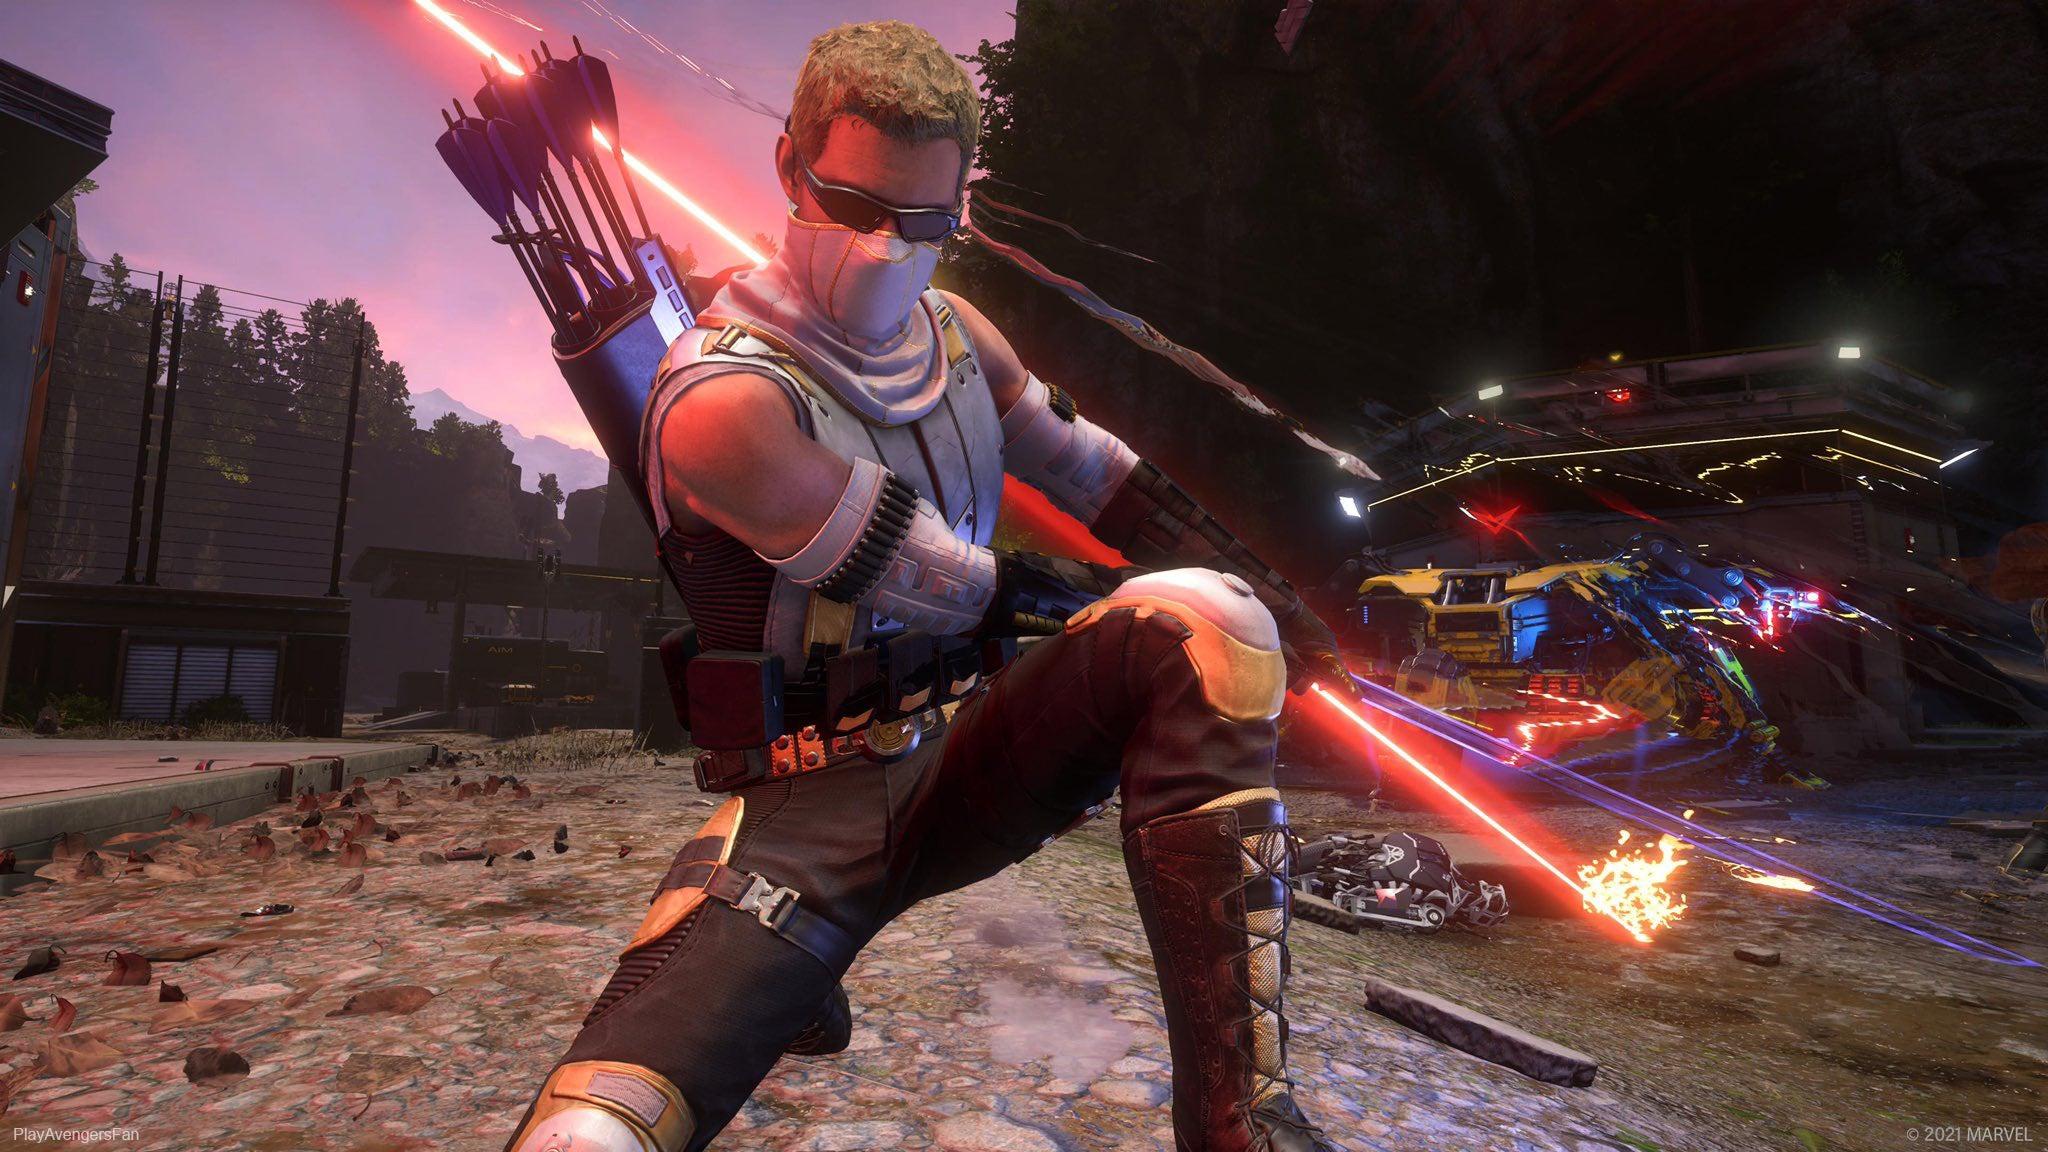 Fan art of Hawkeye slashing the air with a sword